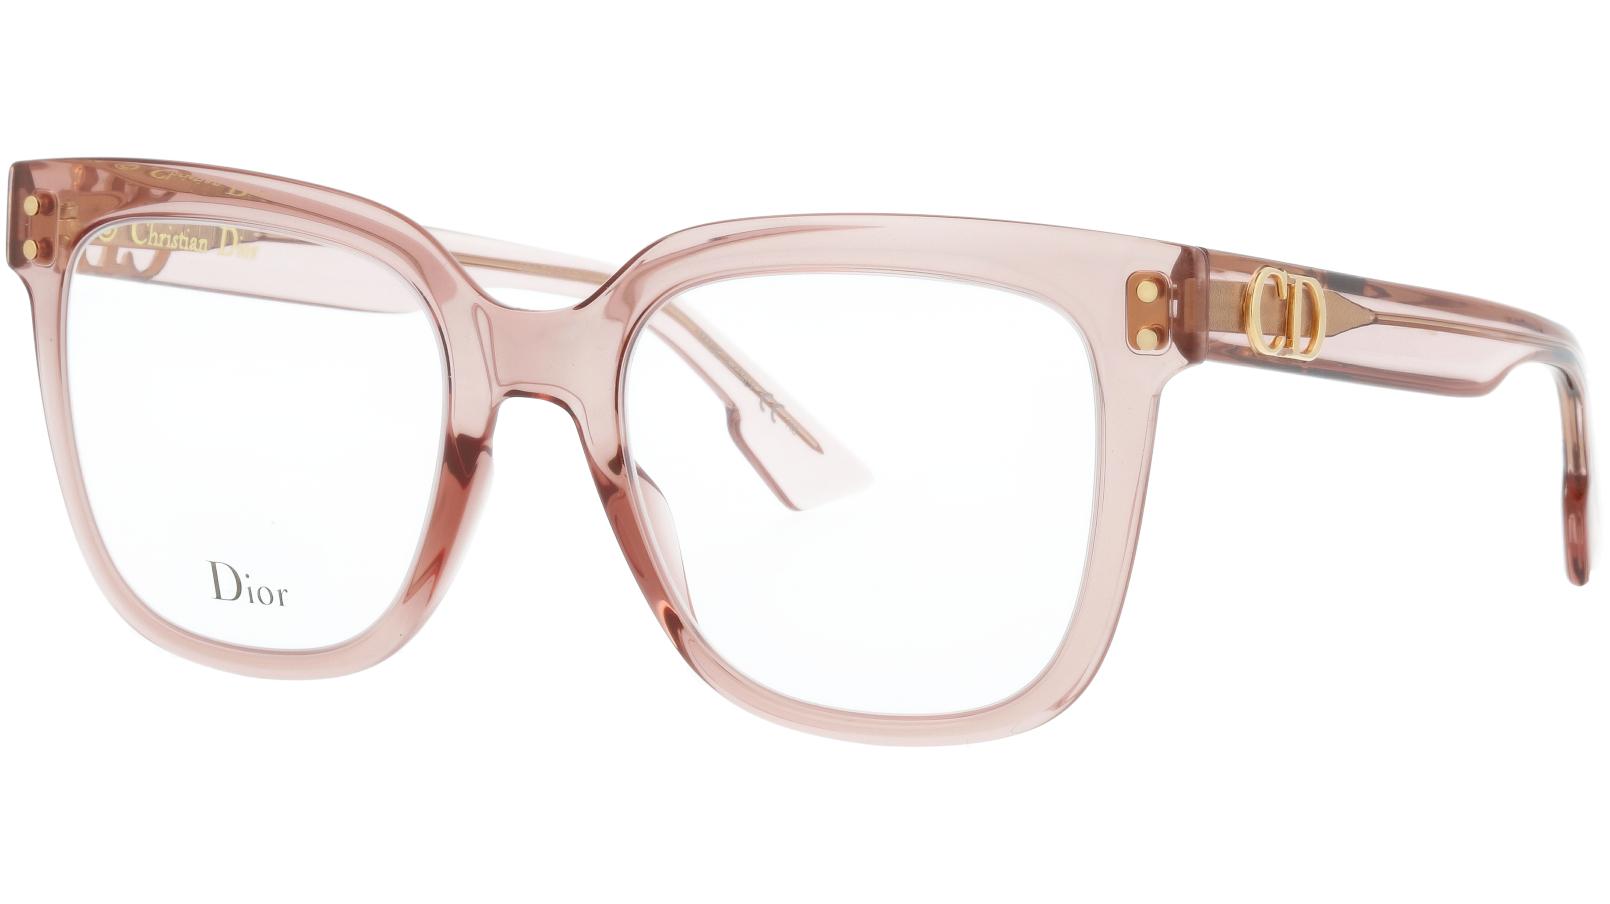 Dior CD1 FWM 50 Nude Glasses